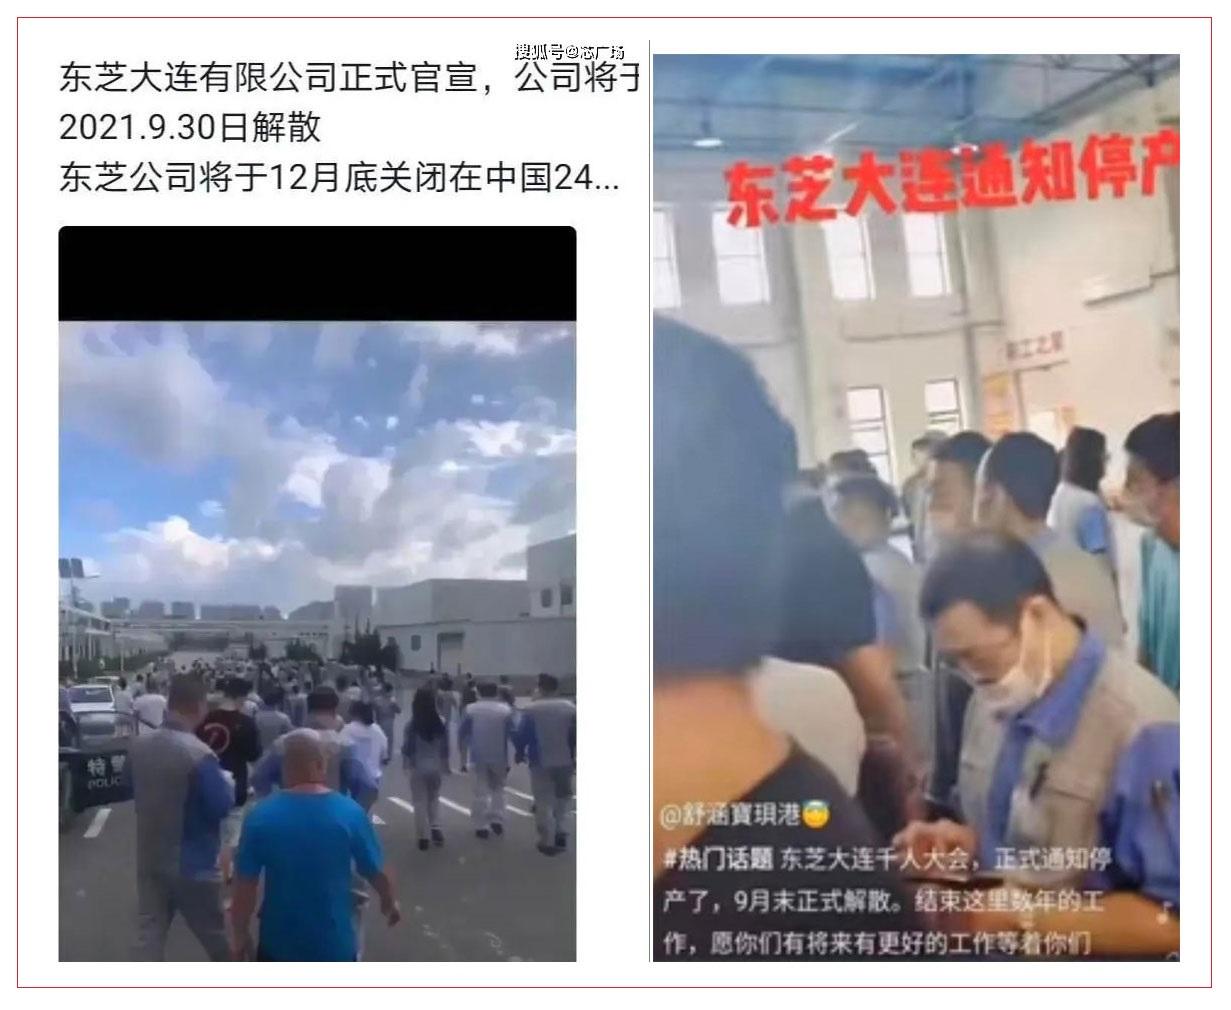 左图:日本东芝大连工厂宣布9月底关闭。(网络图片); 右图:东芝大连工厂资方通知工人遣散事宜。(网络图片)